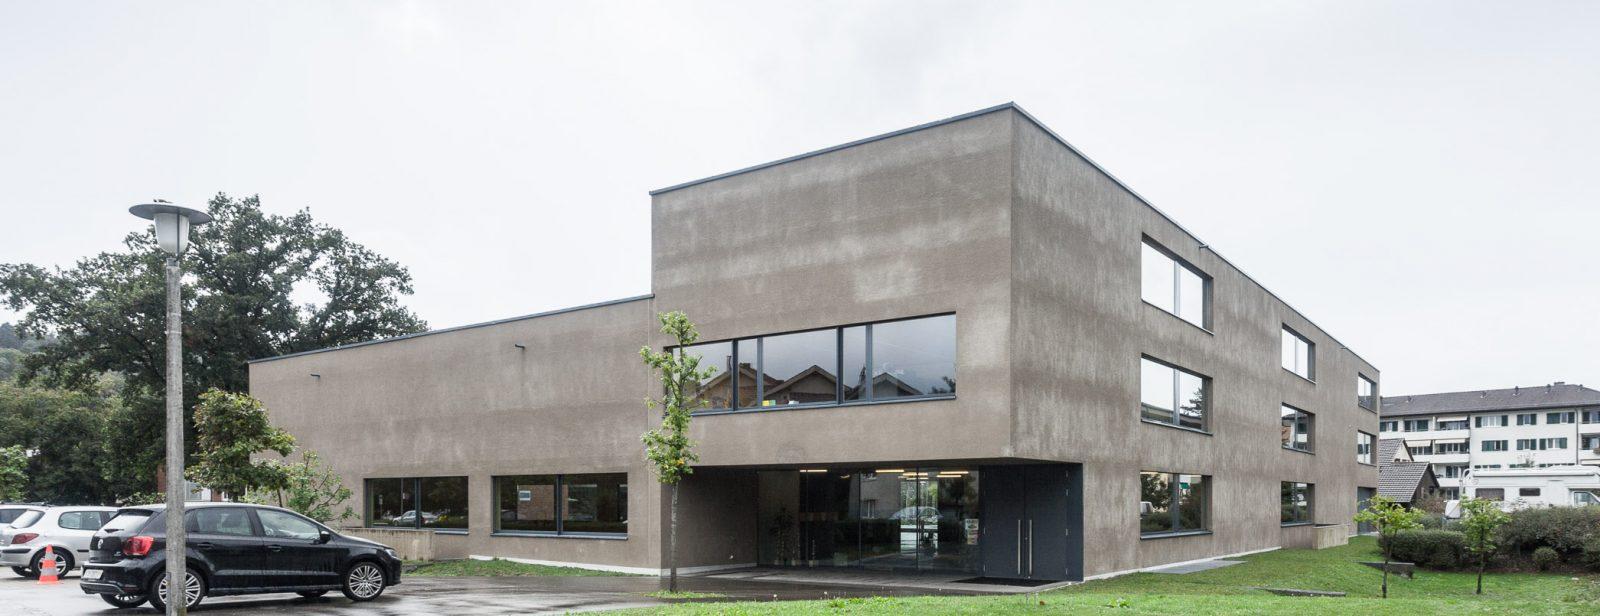 Primarschule Eichhölzli, Glattfelden